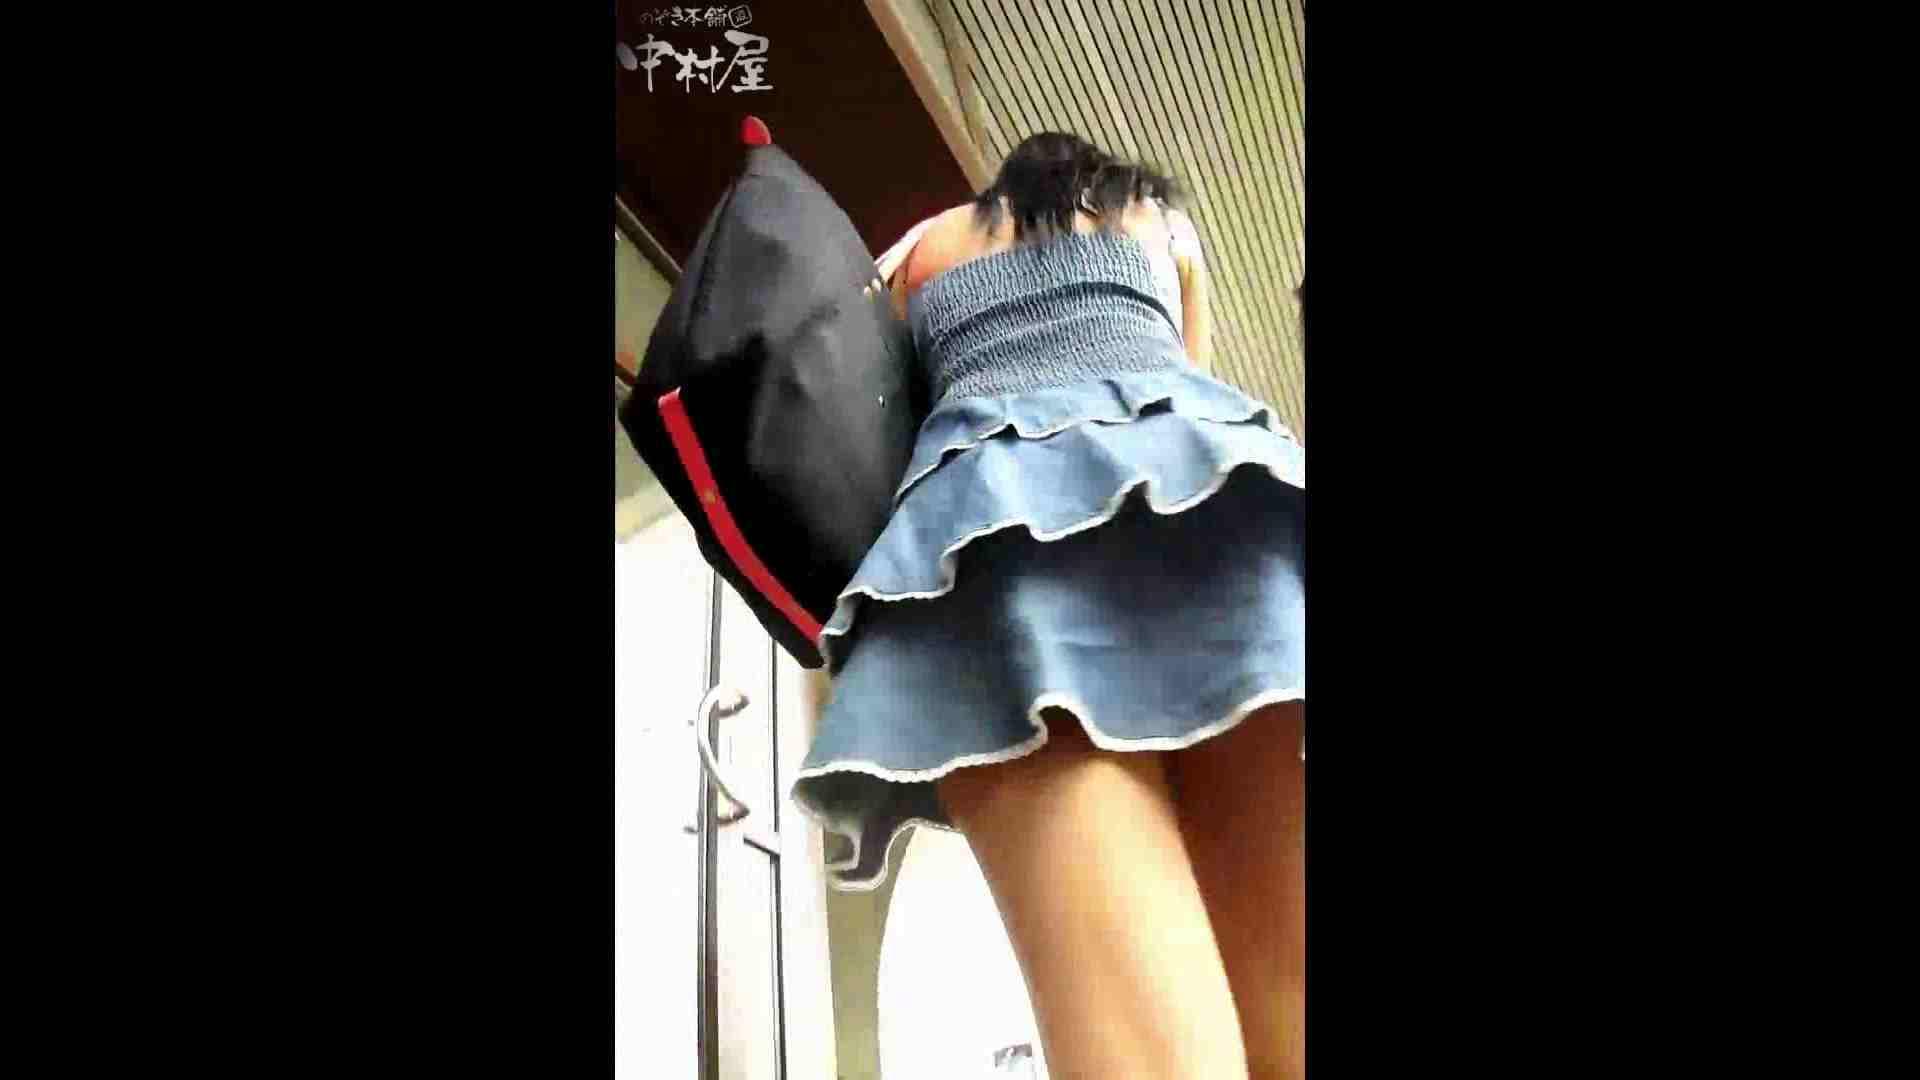 綺麗なモデルさんのスカート捲っちゃおう‼ vol18 お姉さんのエロ動画  81PIX 34